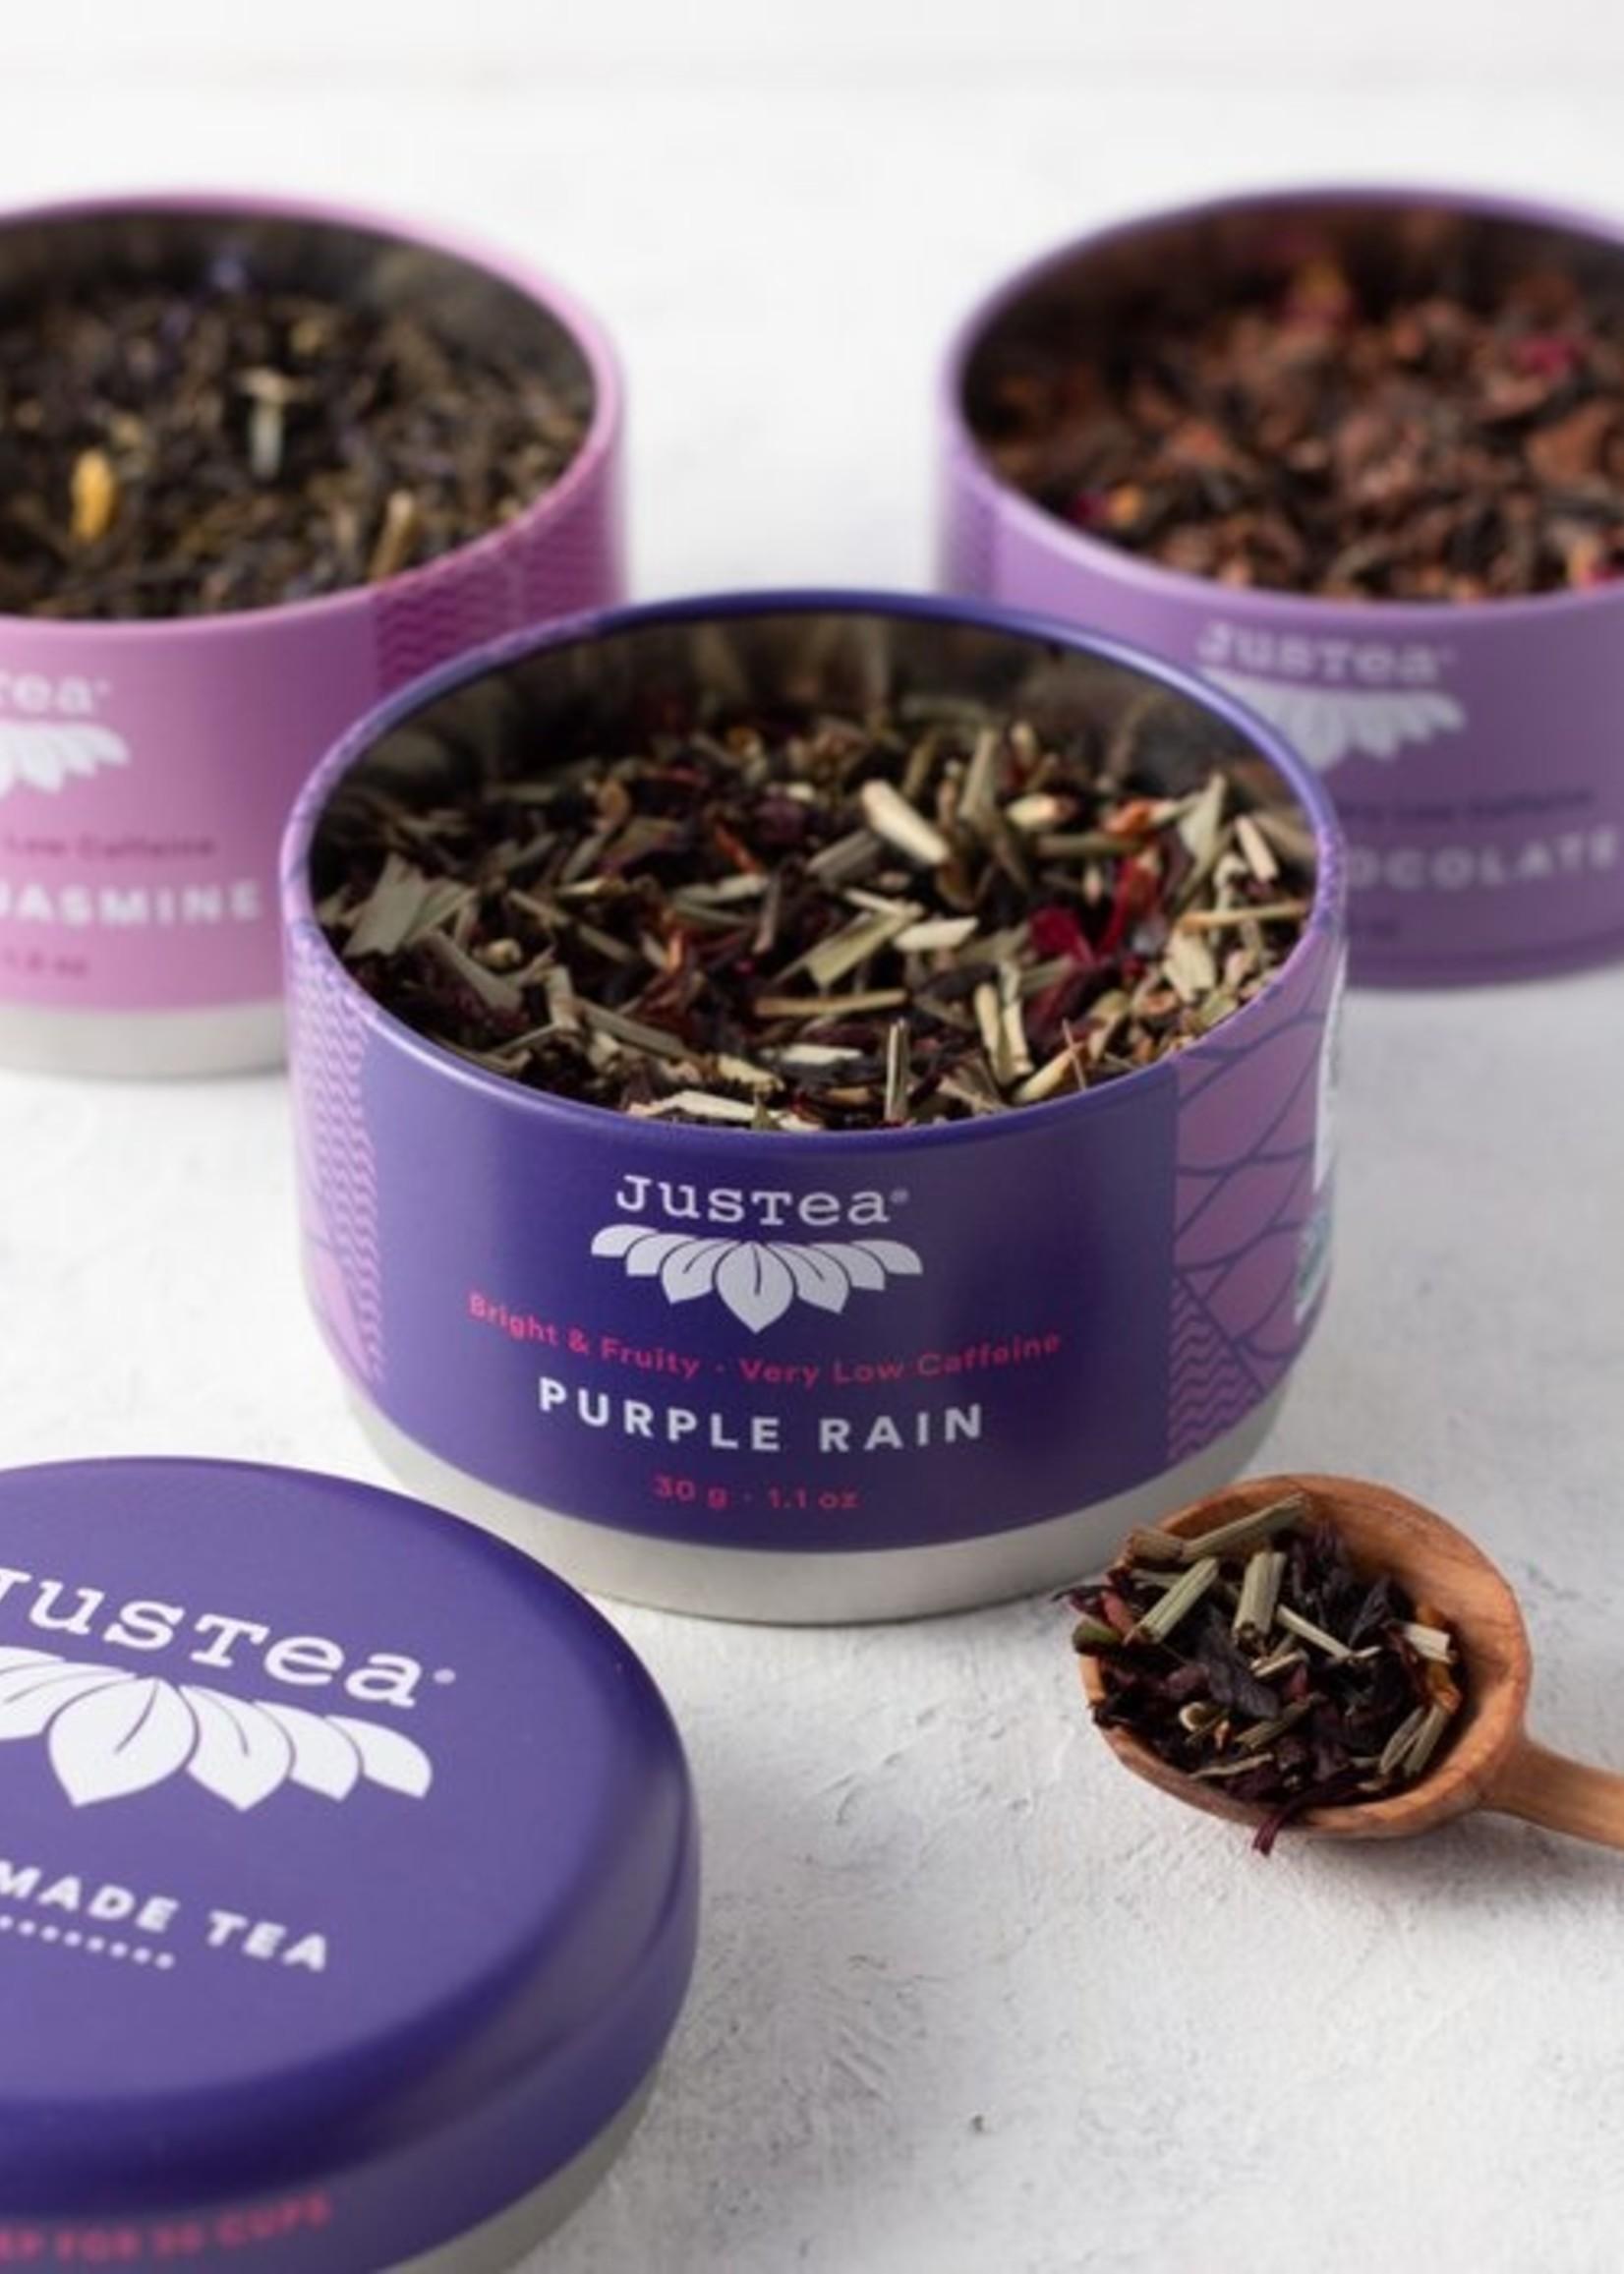 Justea Justea - Trio Purple Tea - Rain-Jasmine-Chocolate